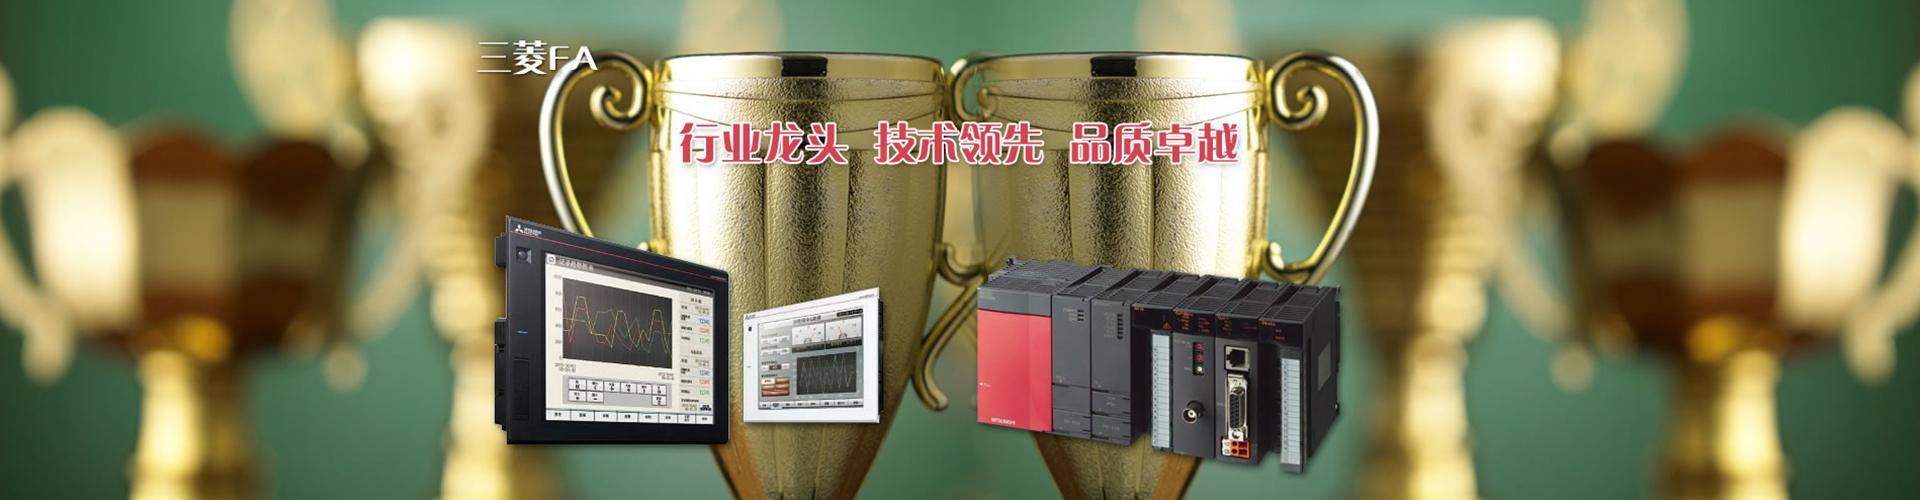 三菱q系列